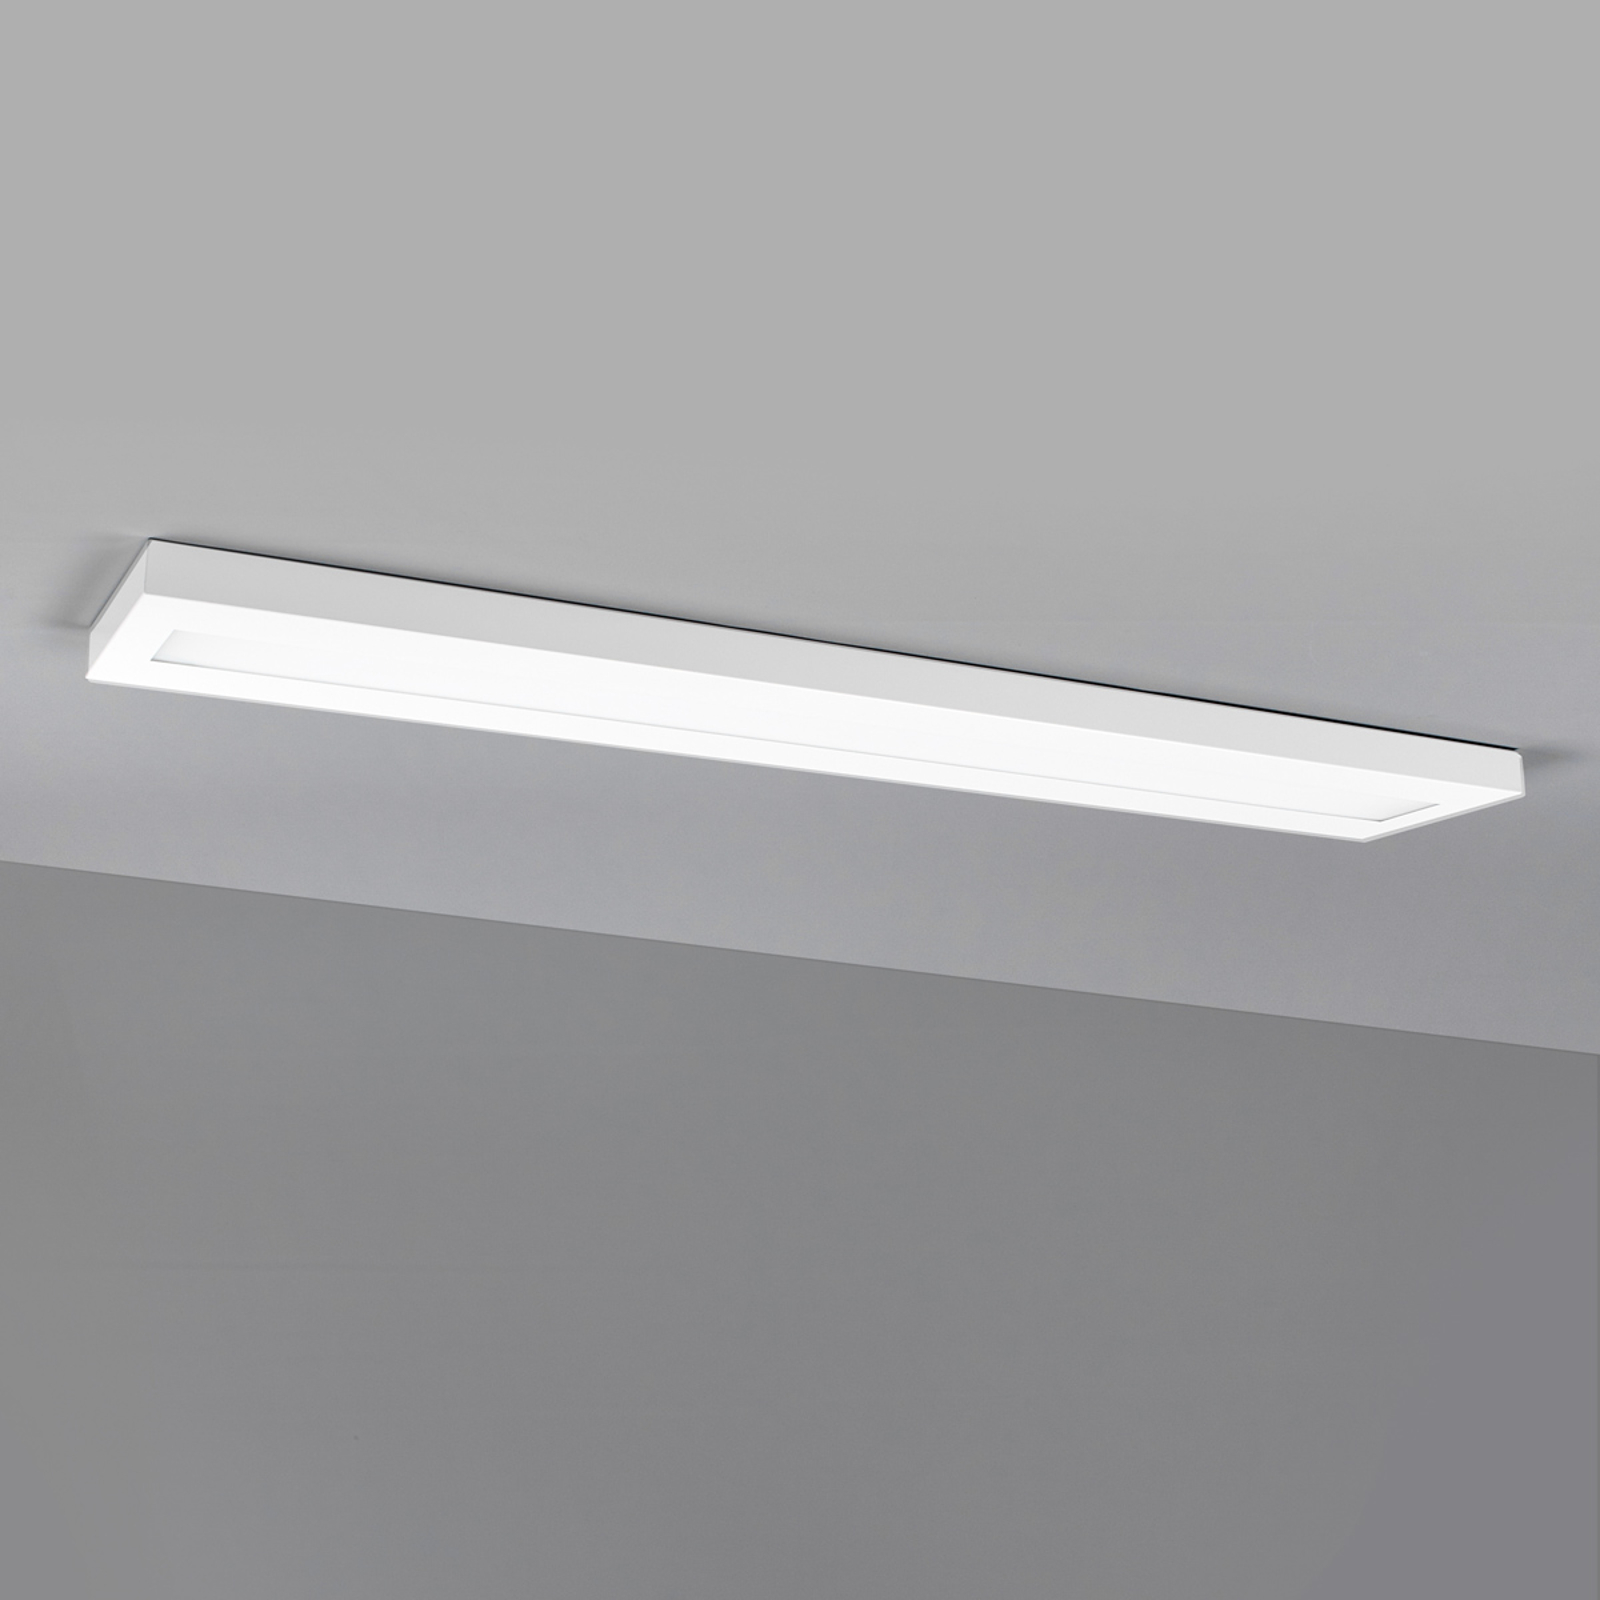 Längliche LED-Anbauleuchte 120 cm weiß, BAP